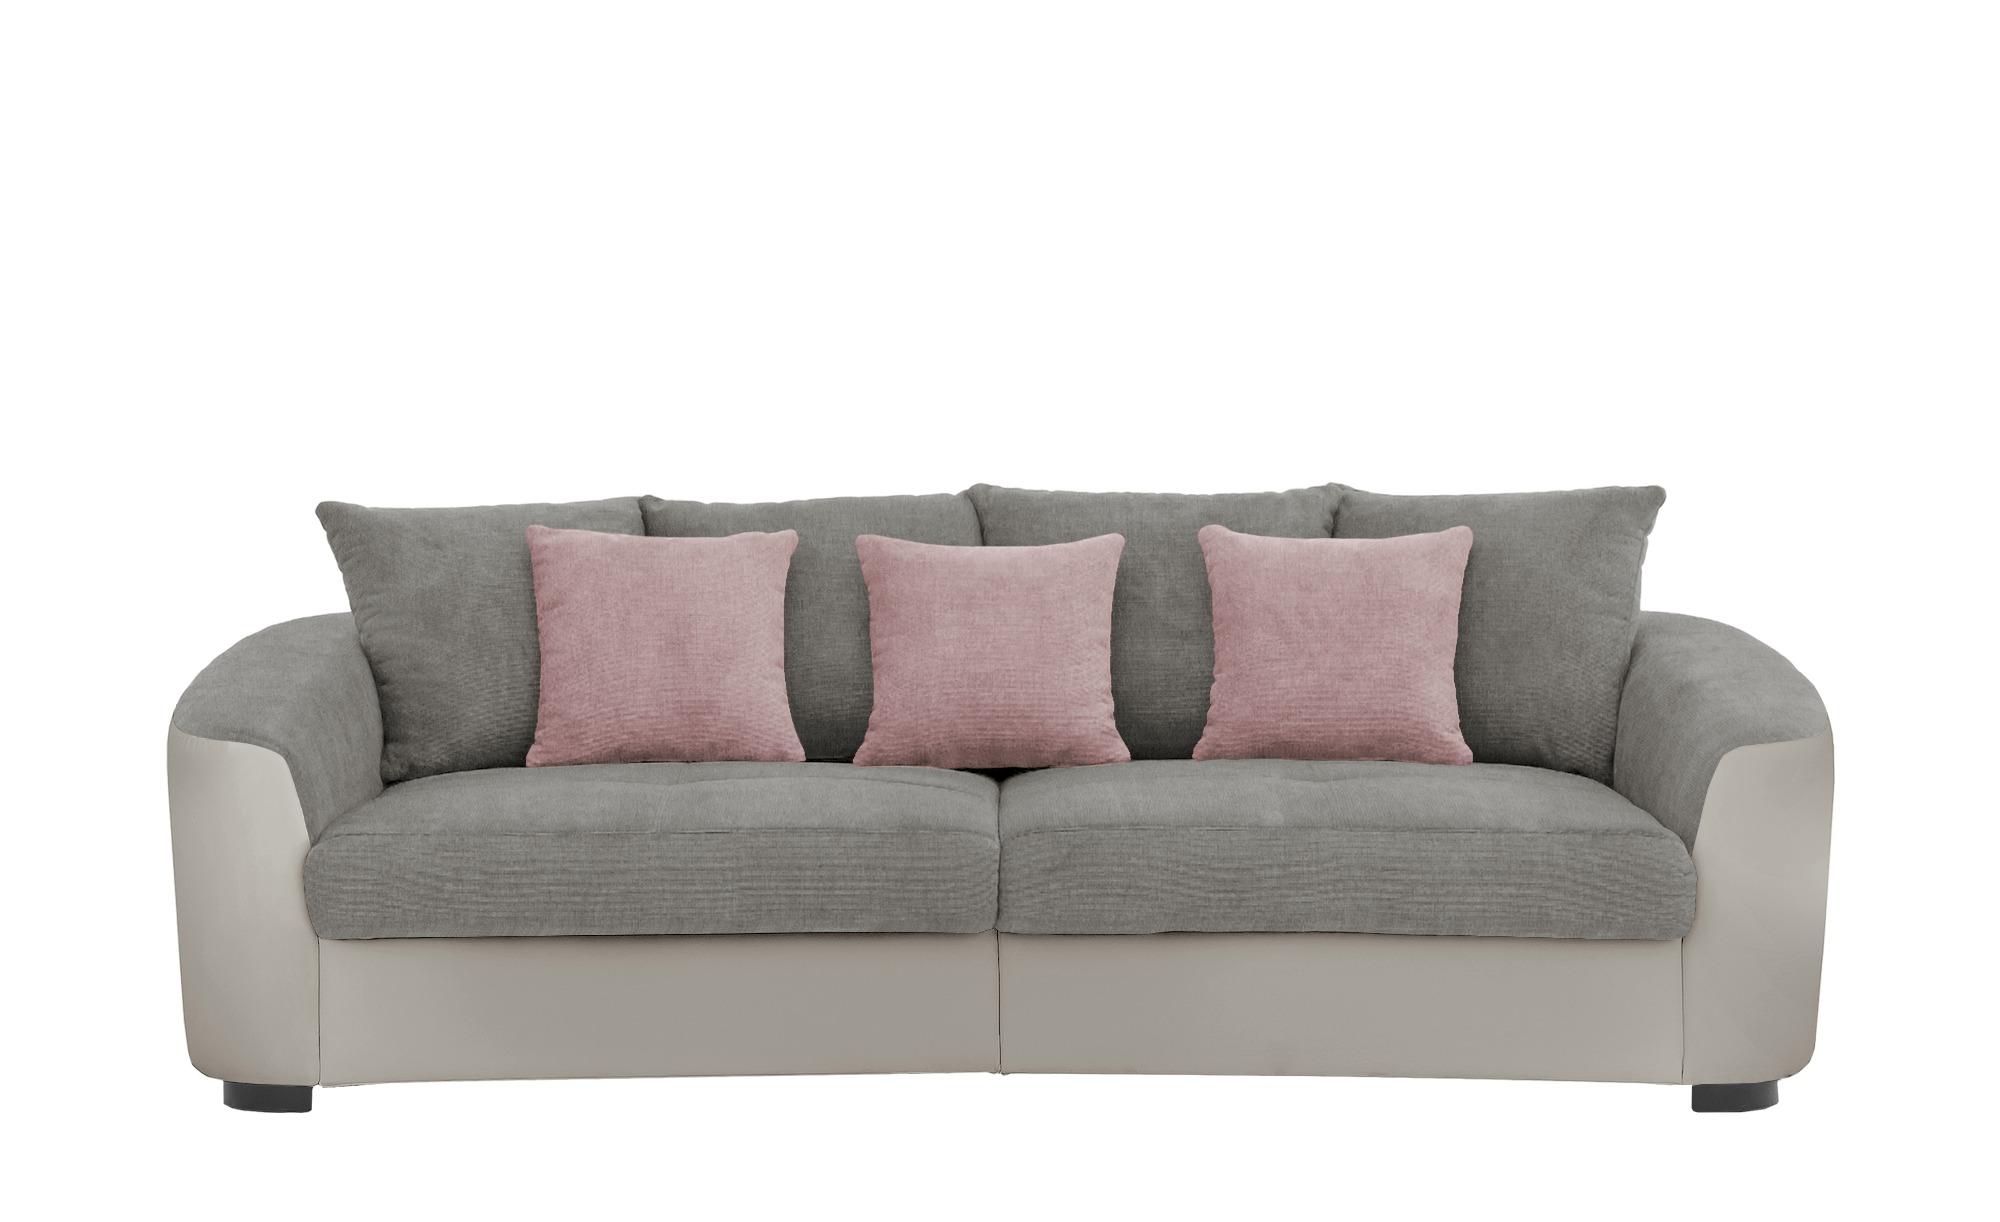 Big Sofa  Cancuun ¦ grau ¦ Maße (cm): B: 242 H: 62 T: 129 Polstermöbel > Sofas > Big-Sofas - Höffner | Wohnzimmer > Sofas & Couches > Bigsofas | Möbel Höffner DE